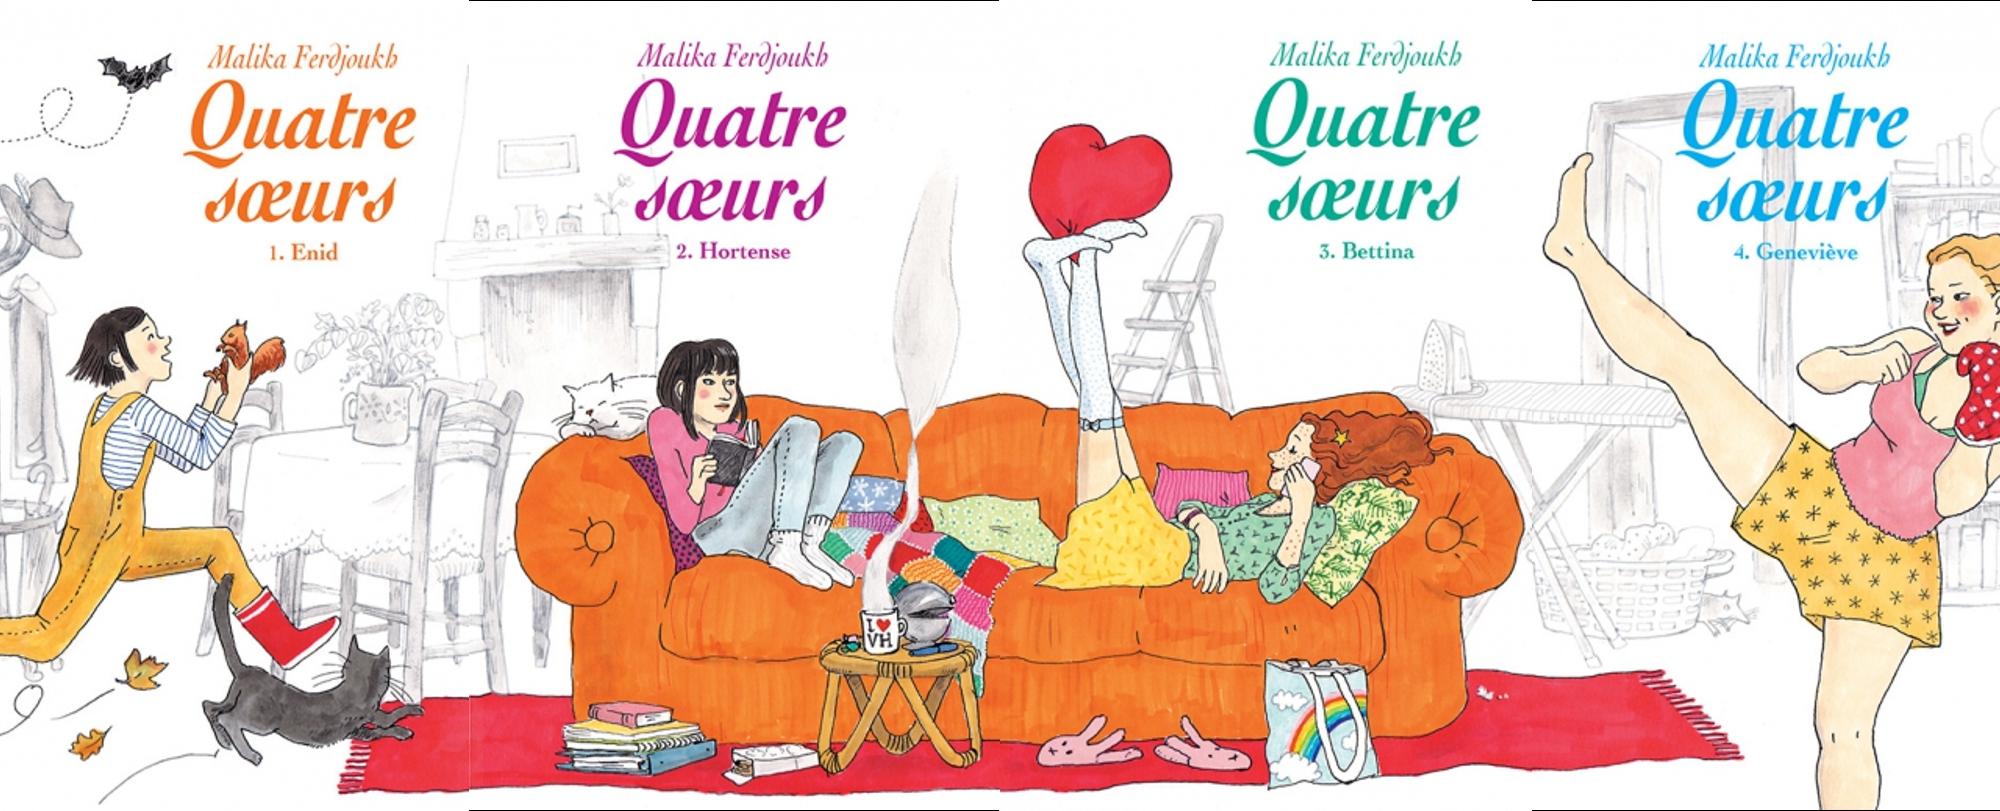 4 couvertures des Quatre soeurs de Malika Ferdjoukh